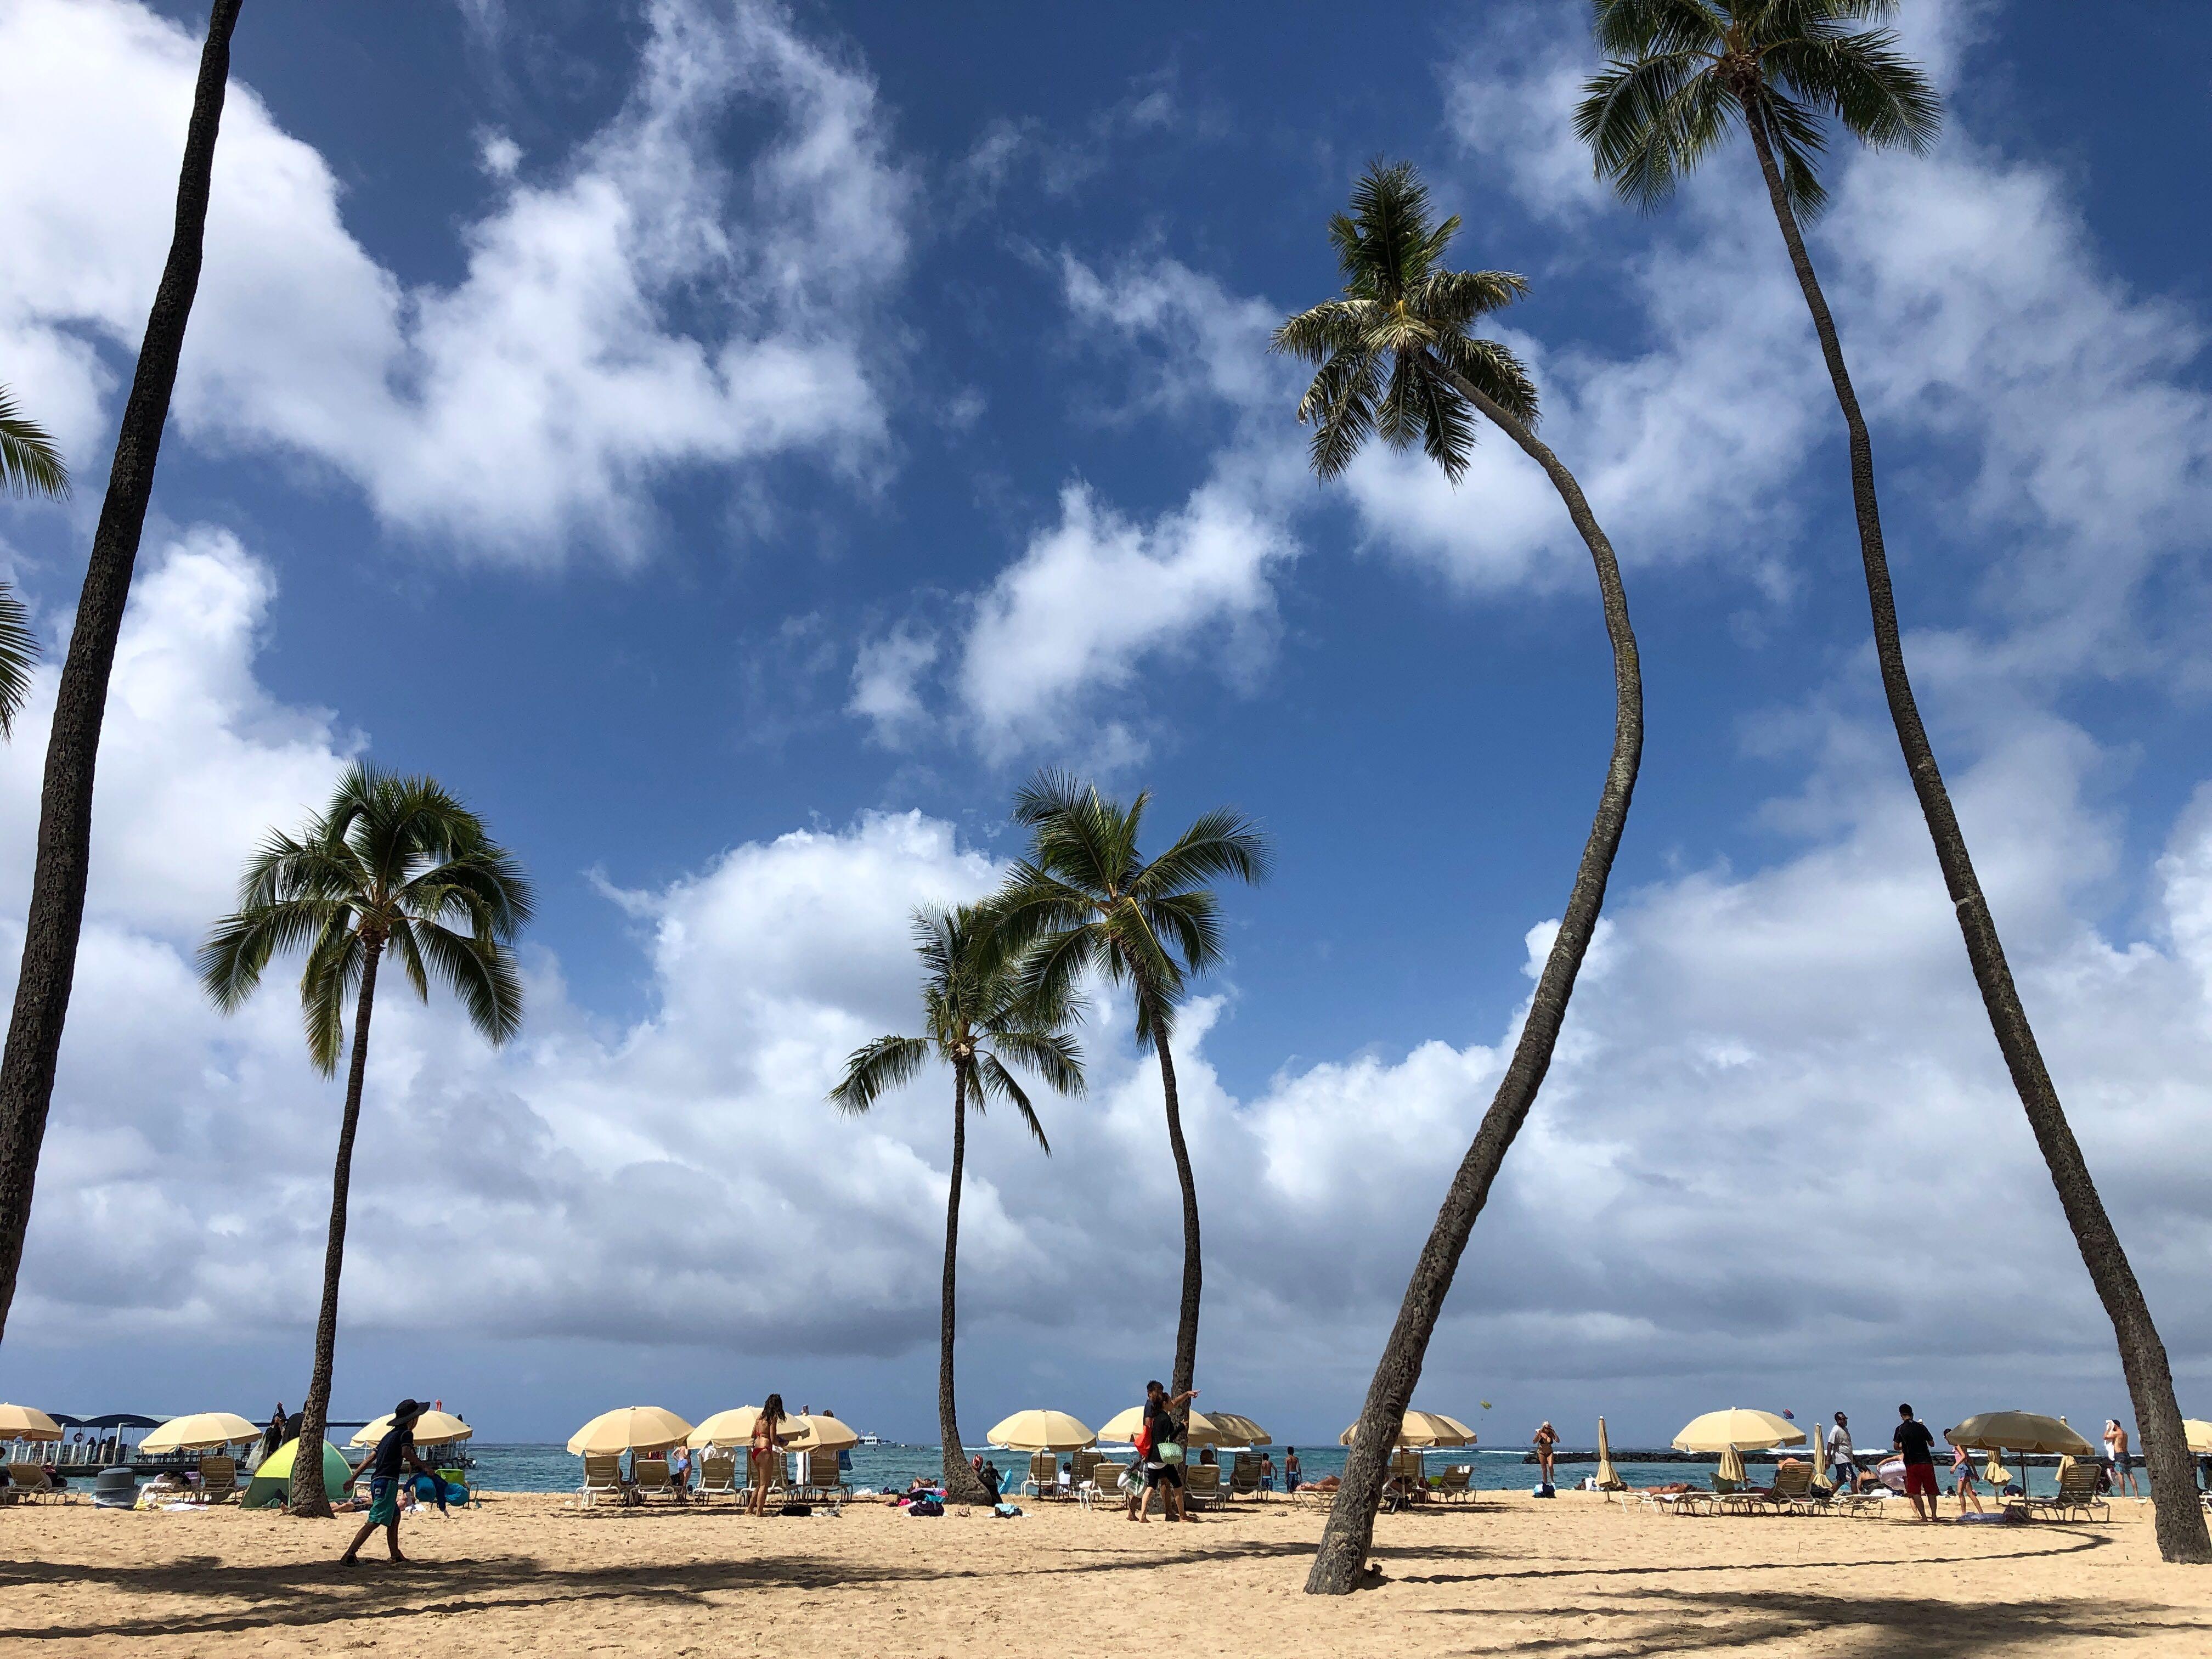 Honolulu authorities investigate arsons at 3 Waikiki hotels